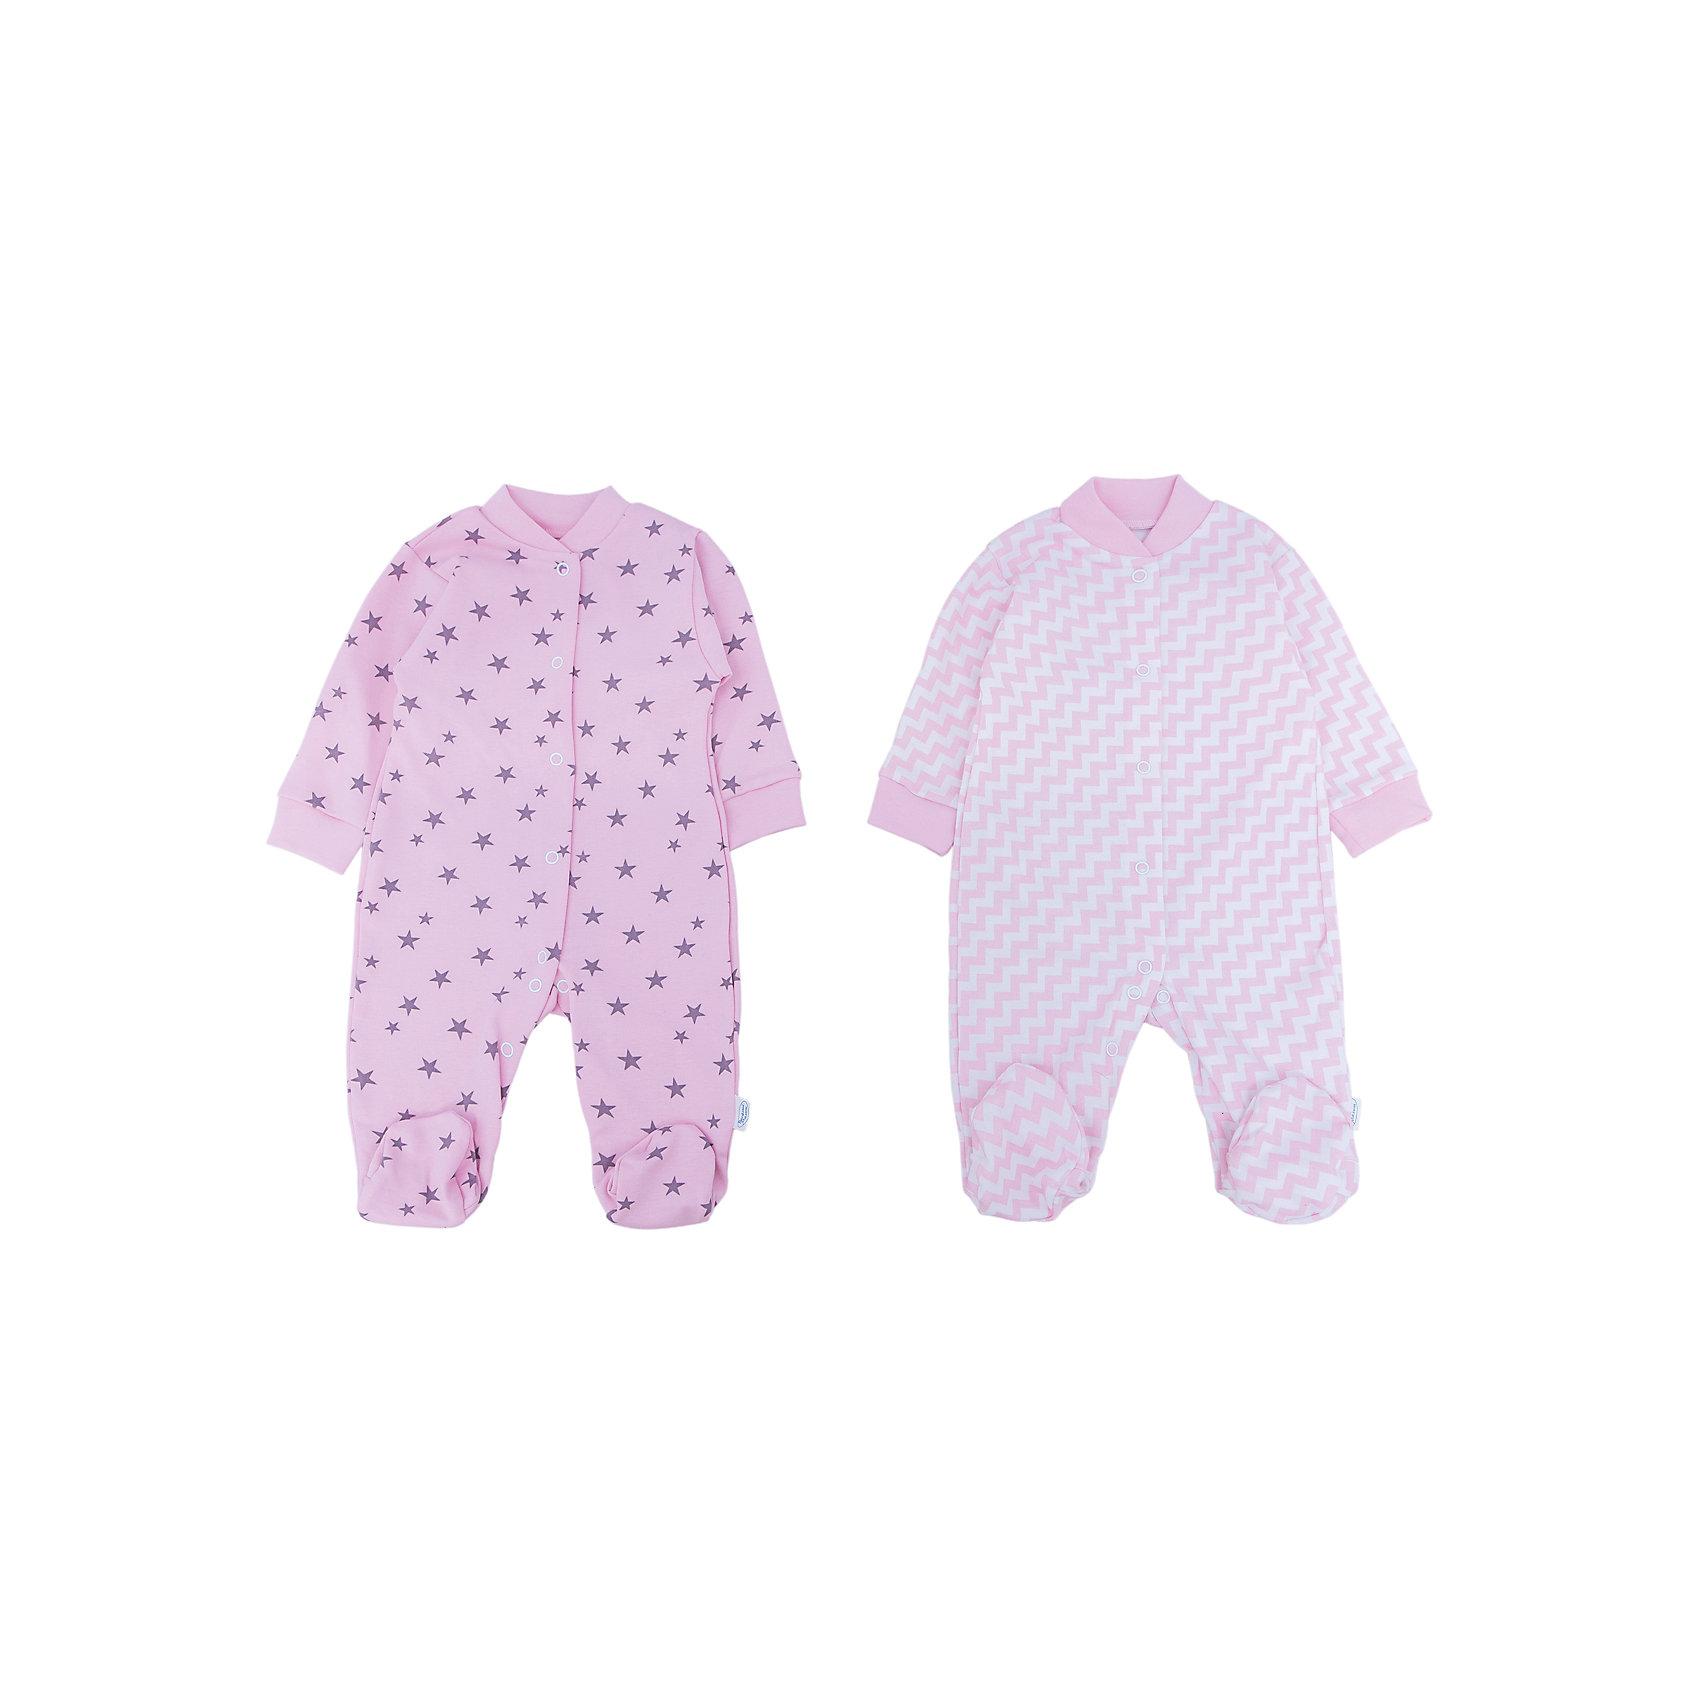 Комбинезон для девочки,2 шт. Веселый малышВ заботе о ребенке важно всё! Одежда для малышей должна быть удобной и качественной - это один из необходимых факторов для правильного развития и хорошего самочувствия ребенка.<br>Эти комбинезоны отличаются высоким качеством швов, продуманным кроем, что позволяет им хорошо фиксироваться на теле малыша, не сползать и не натирать. Застежки - удобные кнопки, которые не мешают ребенку. Материал - интерлок. Это плотная ткань из натурального хлопка, гладкая, приятная на ощупь, дышащая и гипоаллергенная. Расцветка изделий позволяет легко комбинировать их с различной одеждой. В наборе - два комбинезона разных цветов.<br><br>Дополнительная информация:<br><br>материал: 100% хлопок интерлок;<br>застежки: кнопки;<br>длинный рукав;<br>комплектация: 2 комбинезона.<br><br>Комплект комбинезонов от бренда Веселый малыш можно купить в нашем магазине.<br><br>Ширина мм: 157<br>Глубина мм: 13<br>Высота мм: 119<br>Вес г: 200<br>Цвет: розовый<br>Возраст от месяцев: 3<br>Возраст до месяцев: 6<br>Пол: Женский<br>Возраст: Детский<br>Размер: 68,56,80,74,62<br>SKU: 4810262